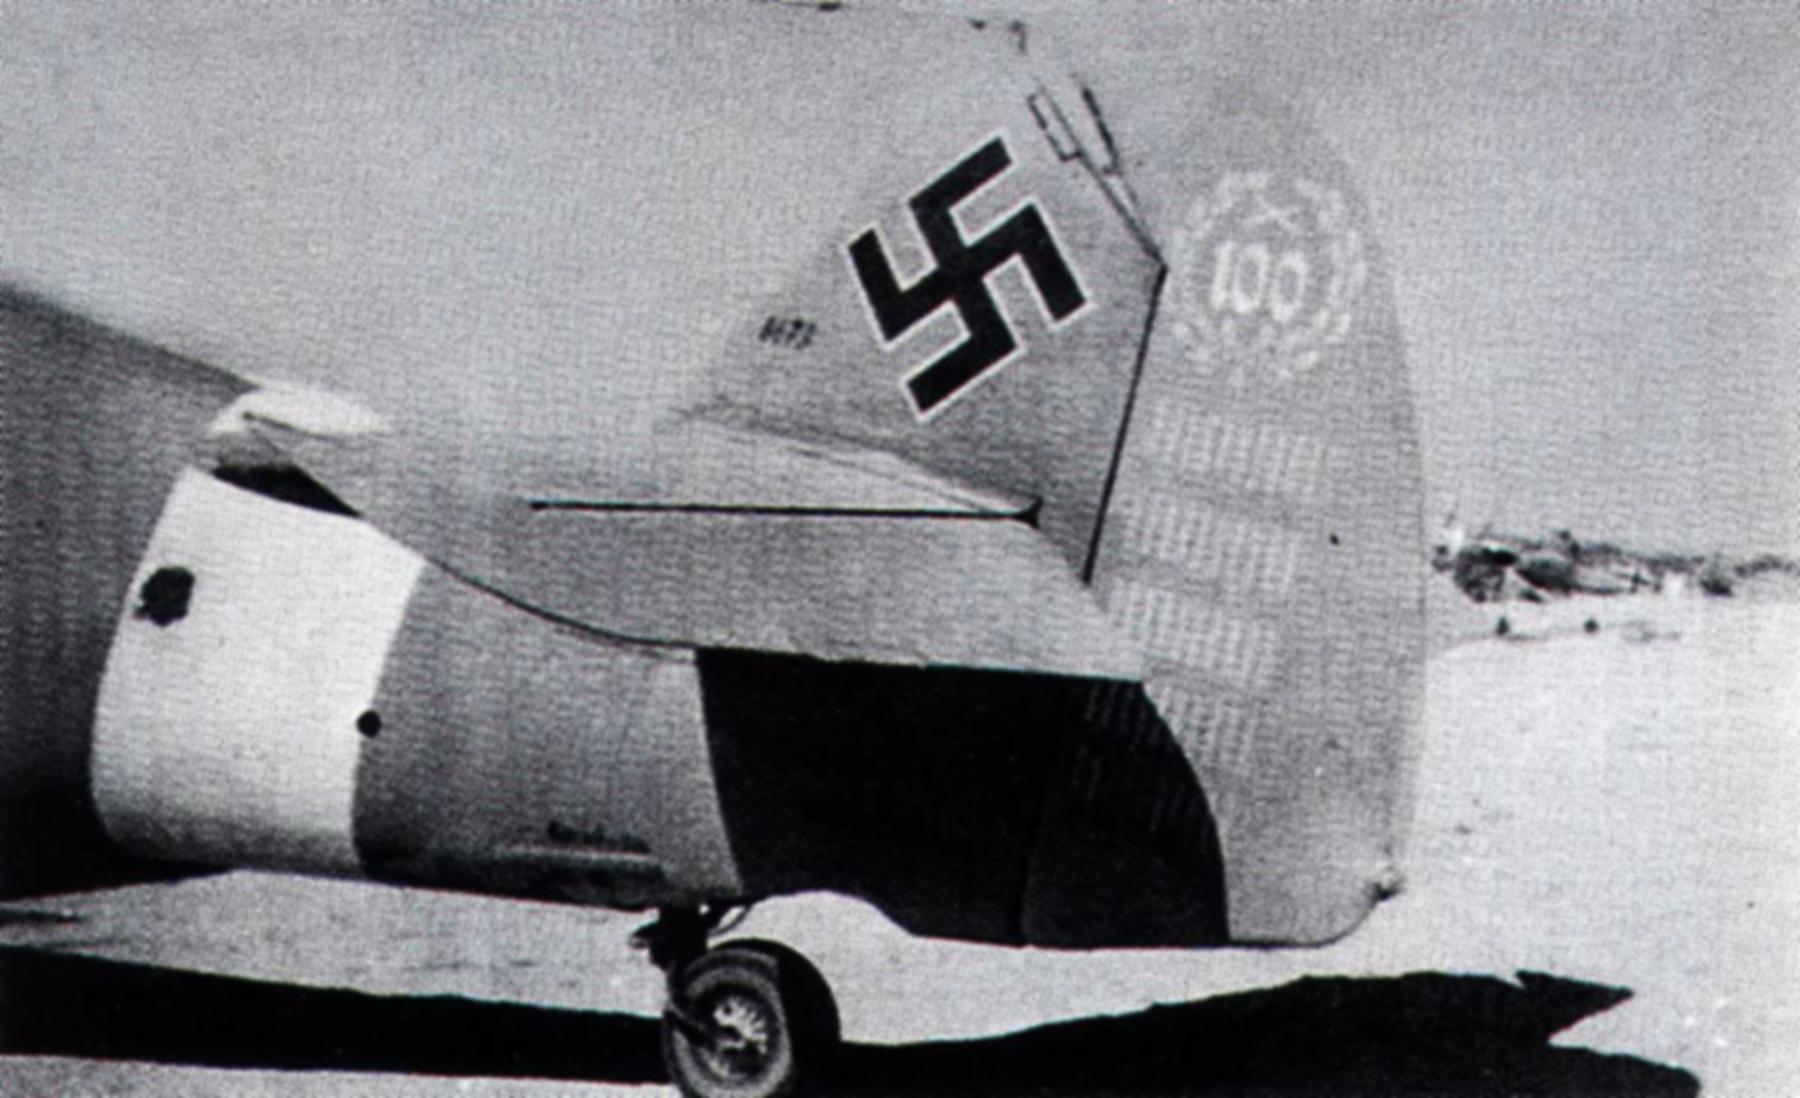 Messerschmitt Bf 109F4Trop 3.JG27 Yellow 14 Hans Joachim Marseille WNr 8673 Africa 15th Sep 1942 02